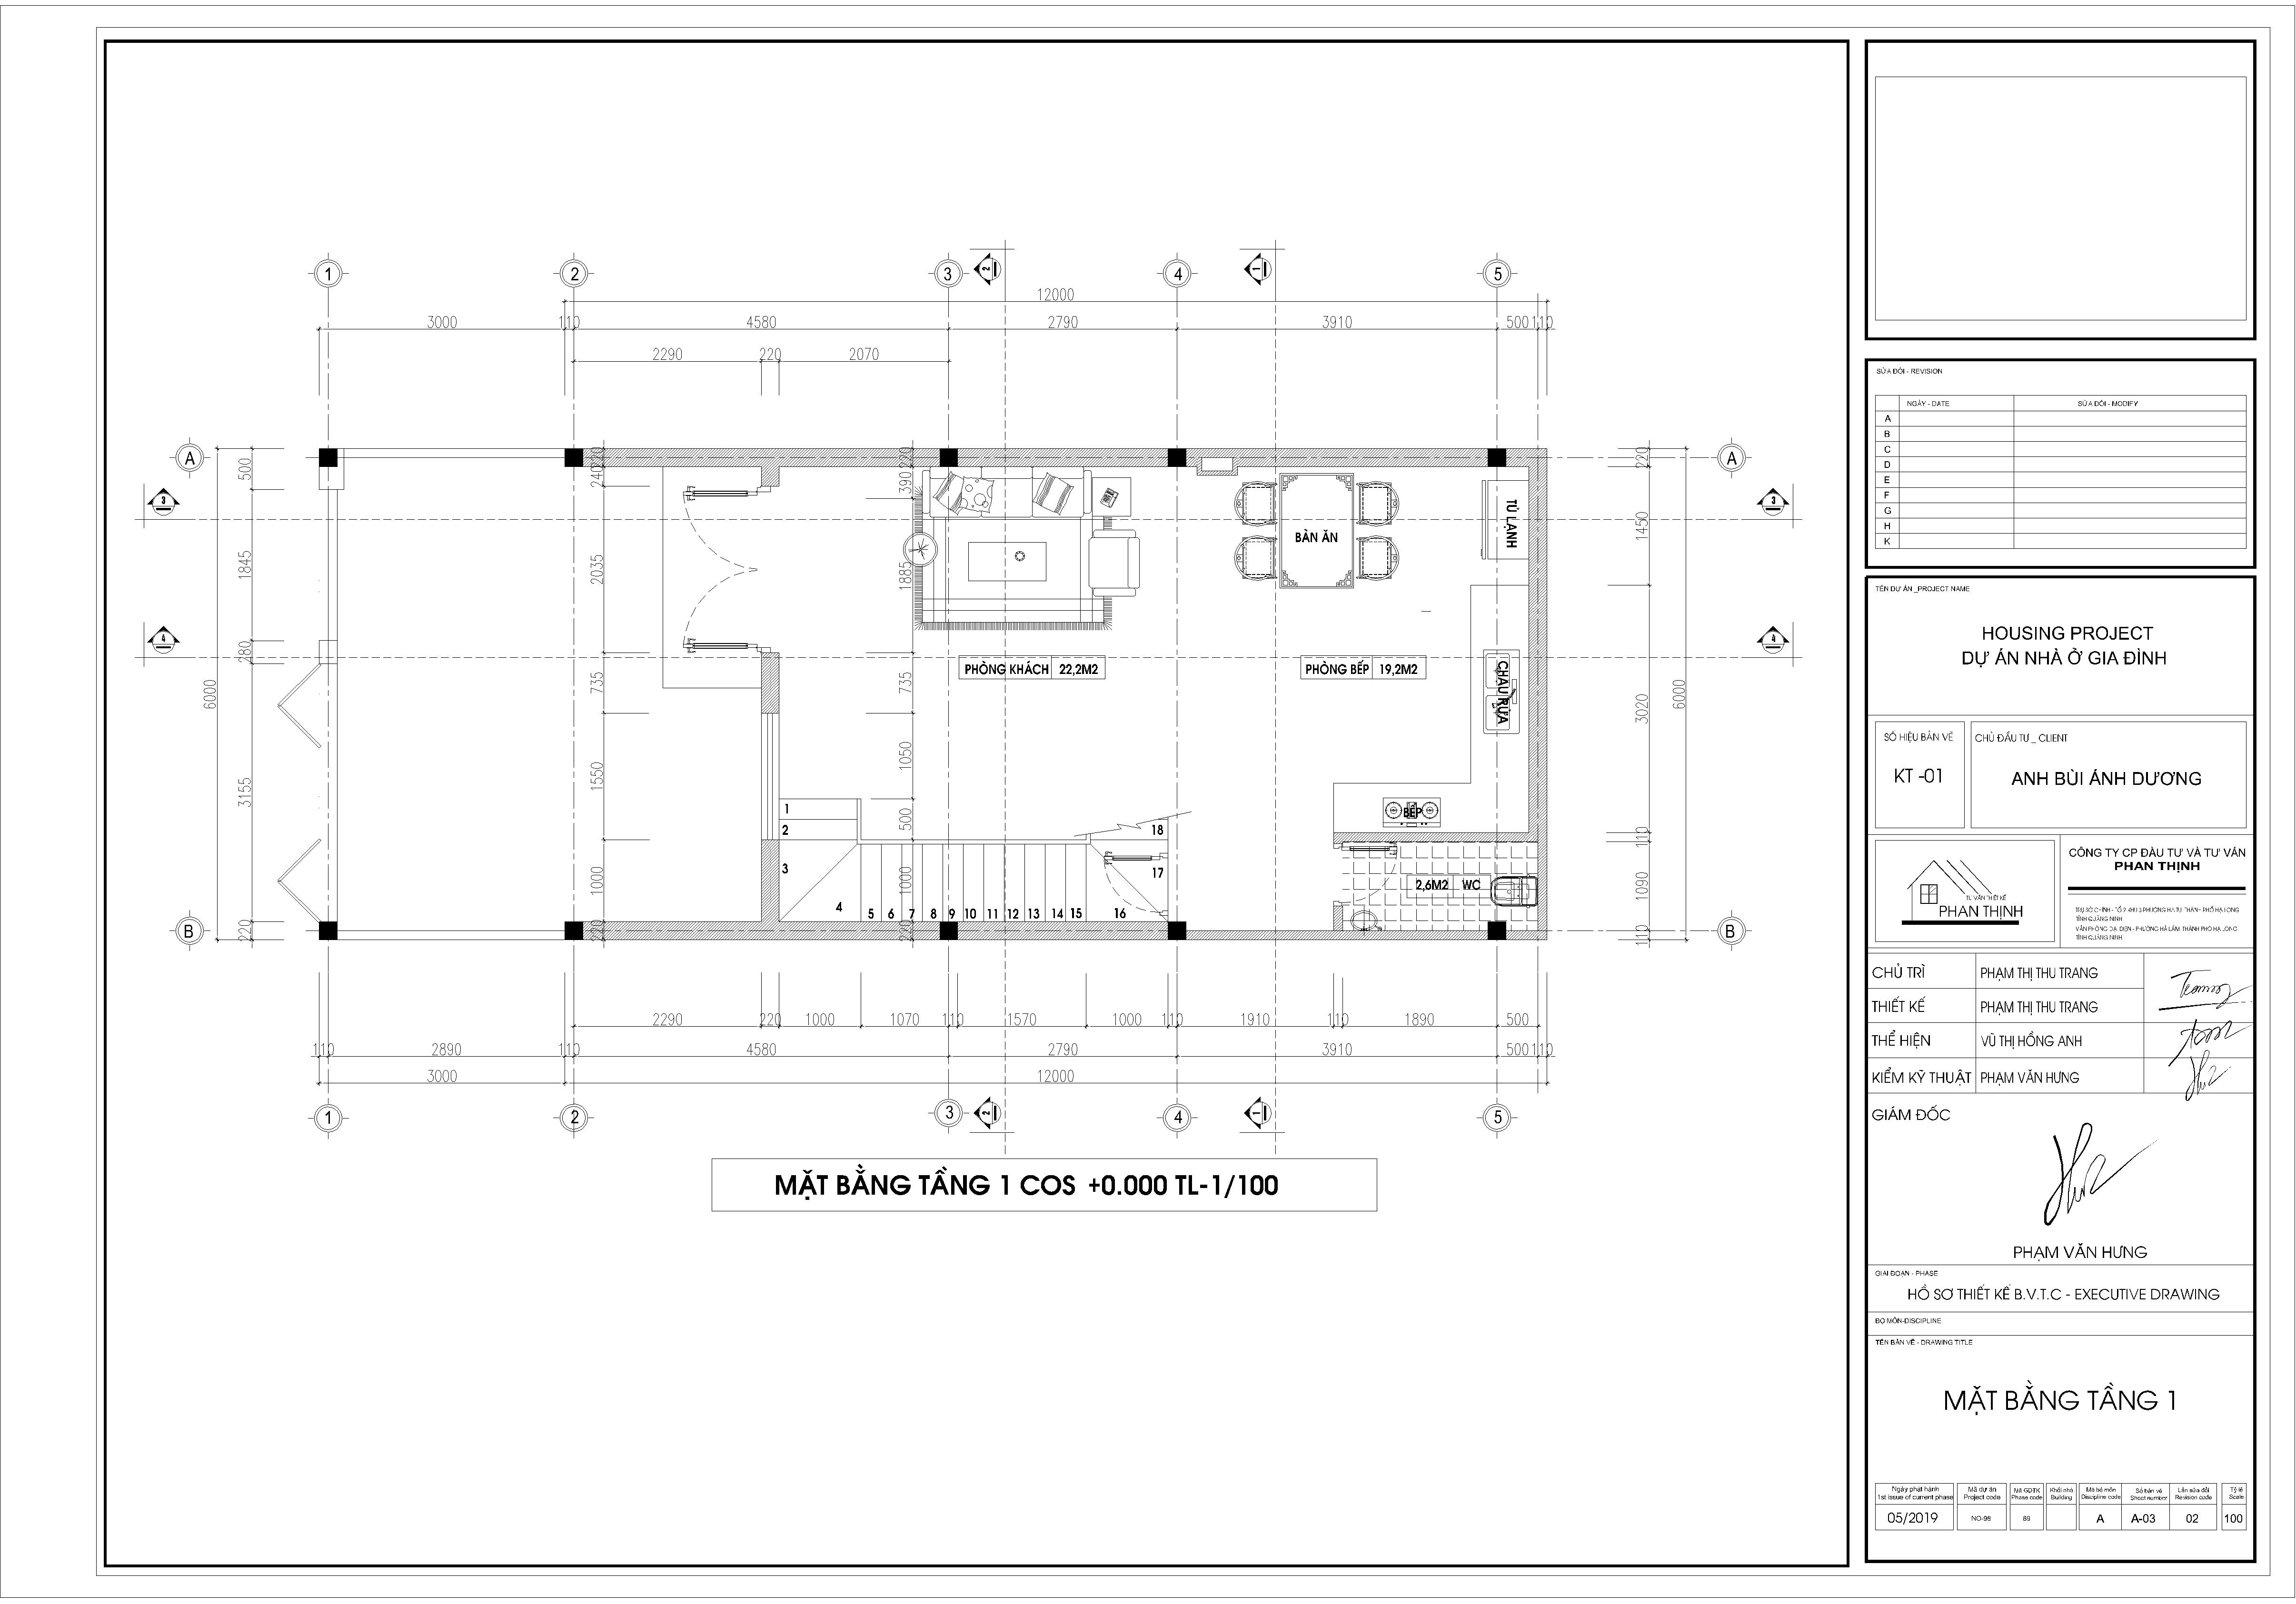 Thiết kế xây dựng nhà tại tầng 1